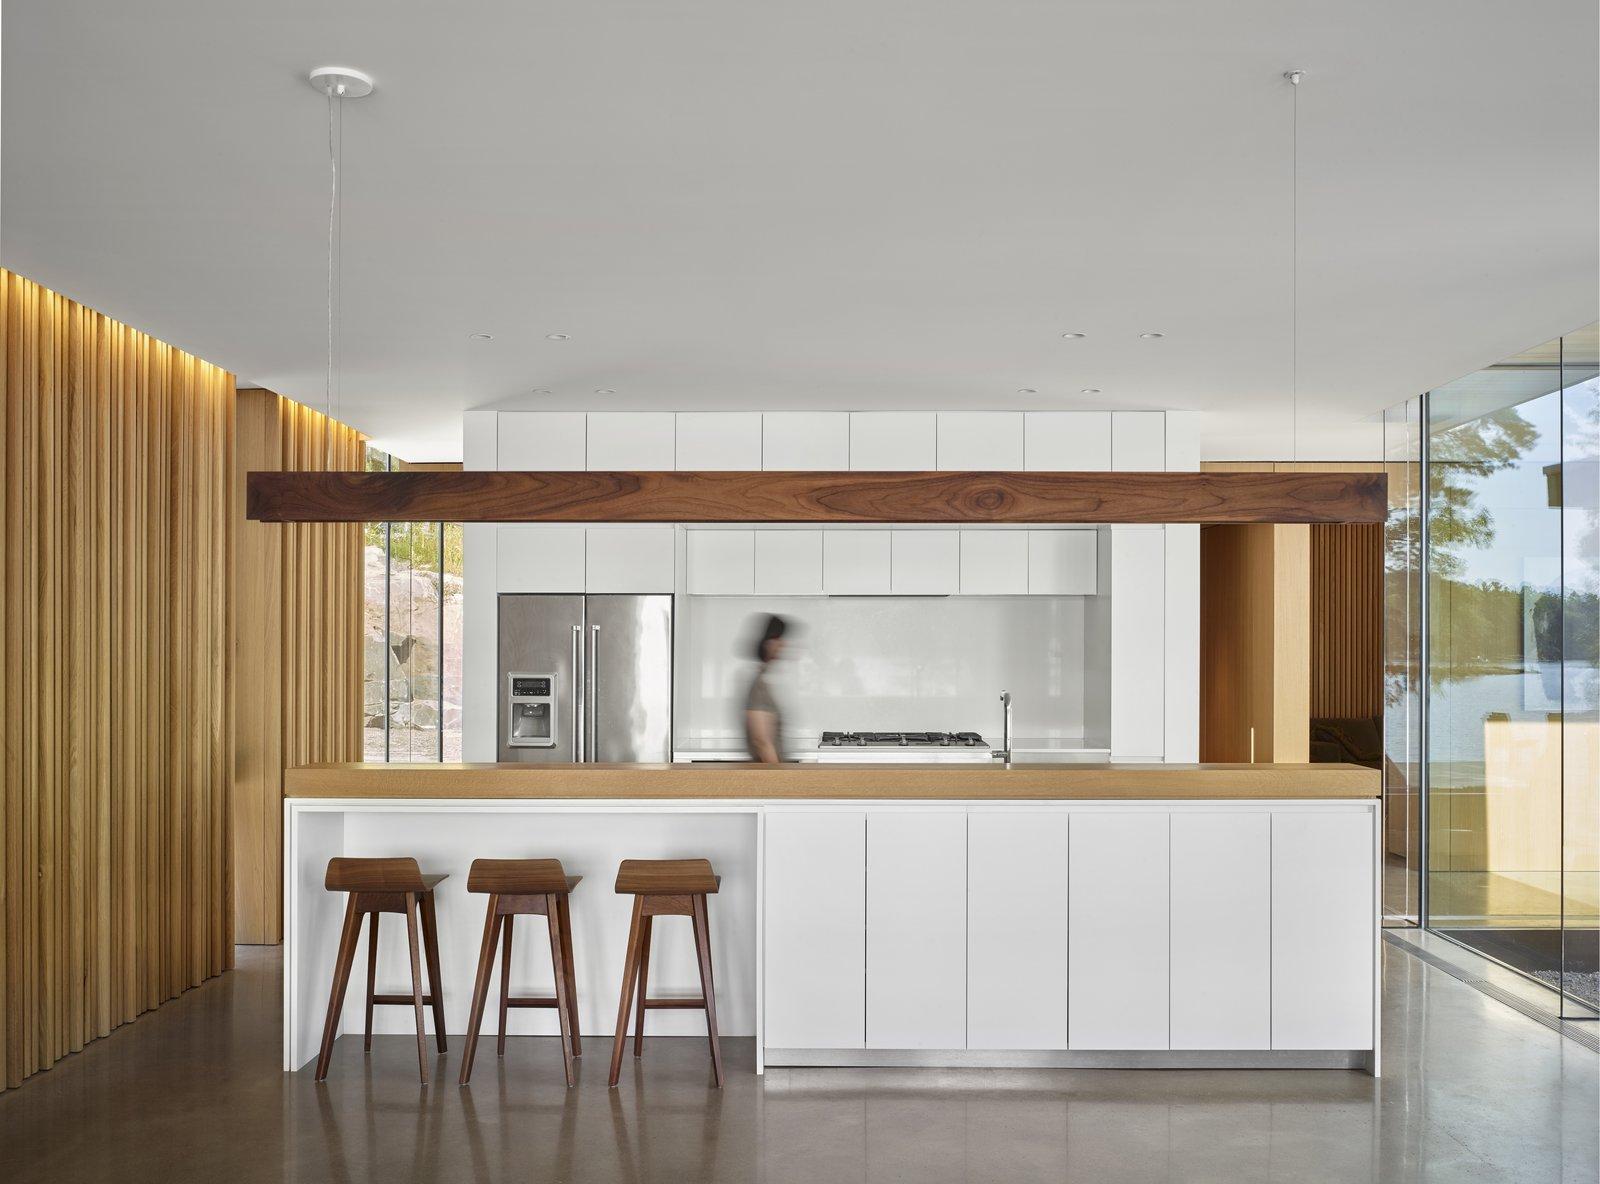 Lake Manitouwabing Residence kitchen